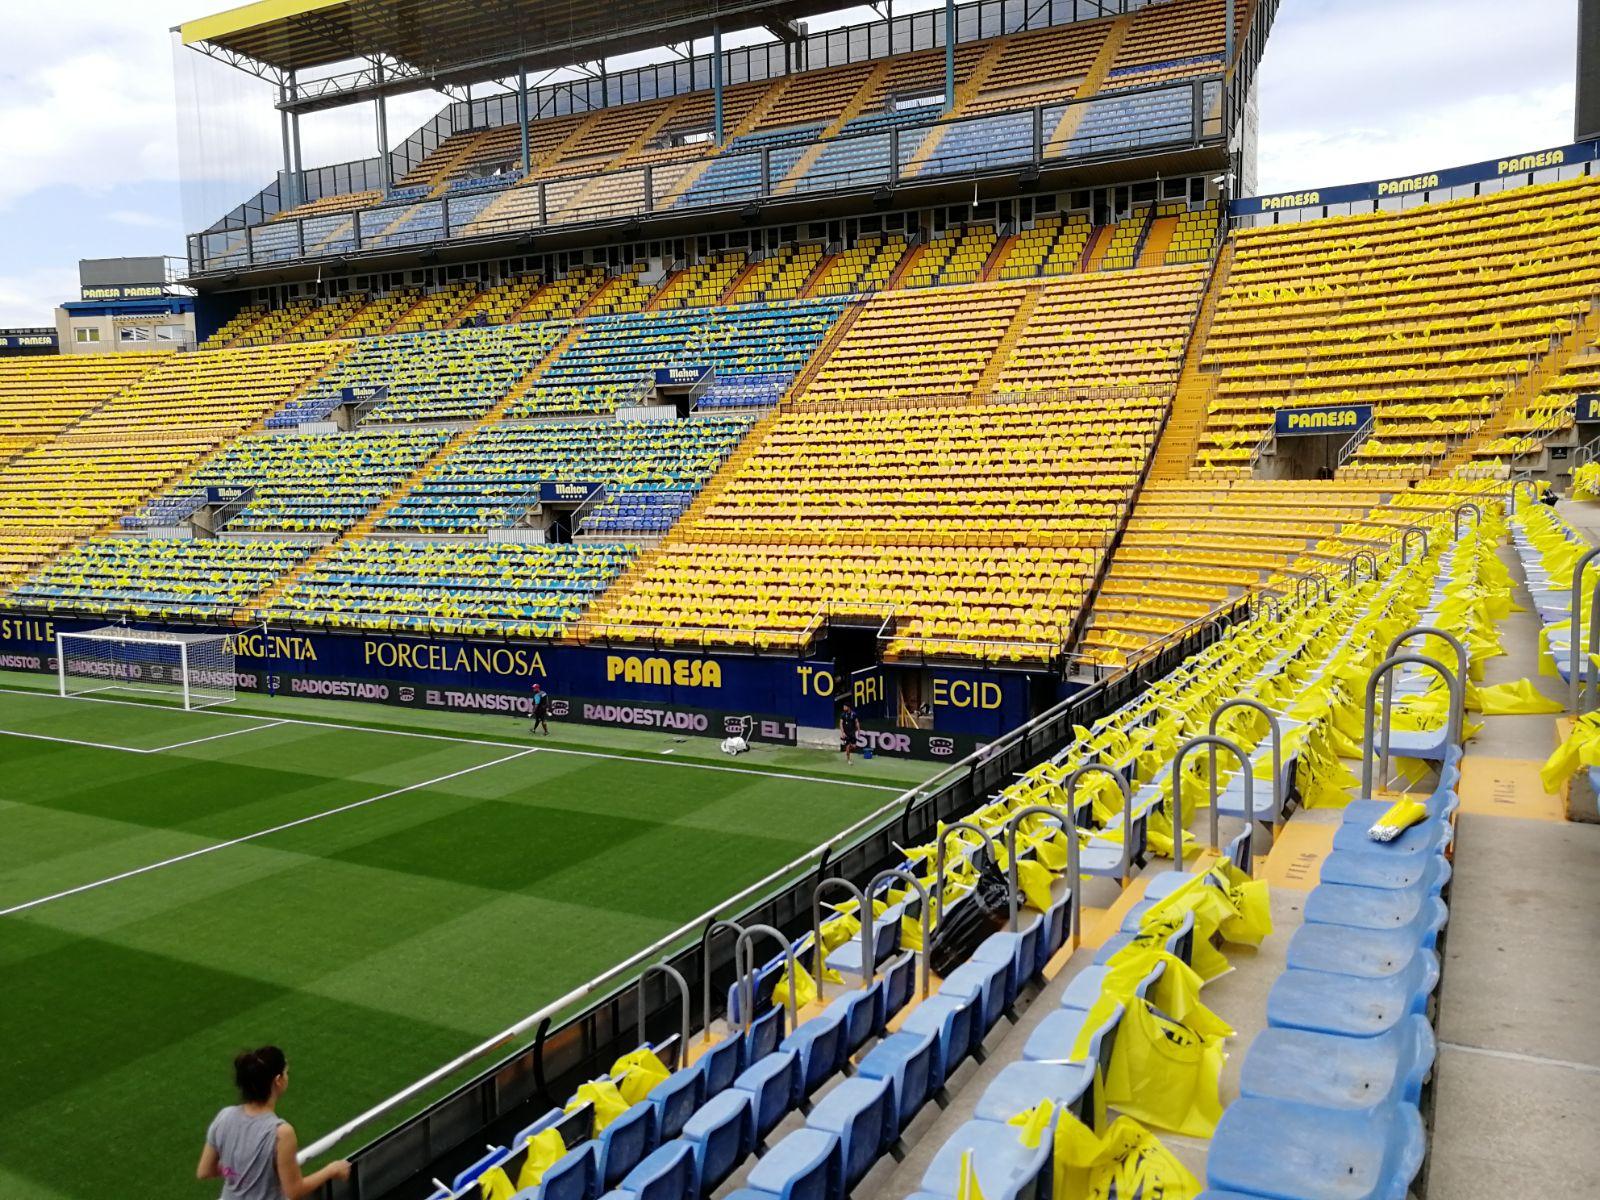 Miles de banderitas para recibir al Villarreal en el derbi